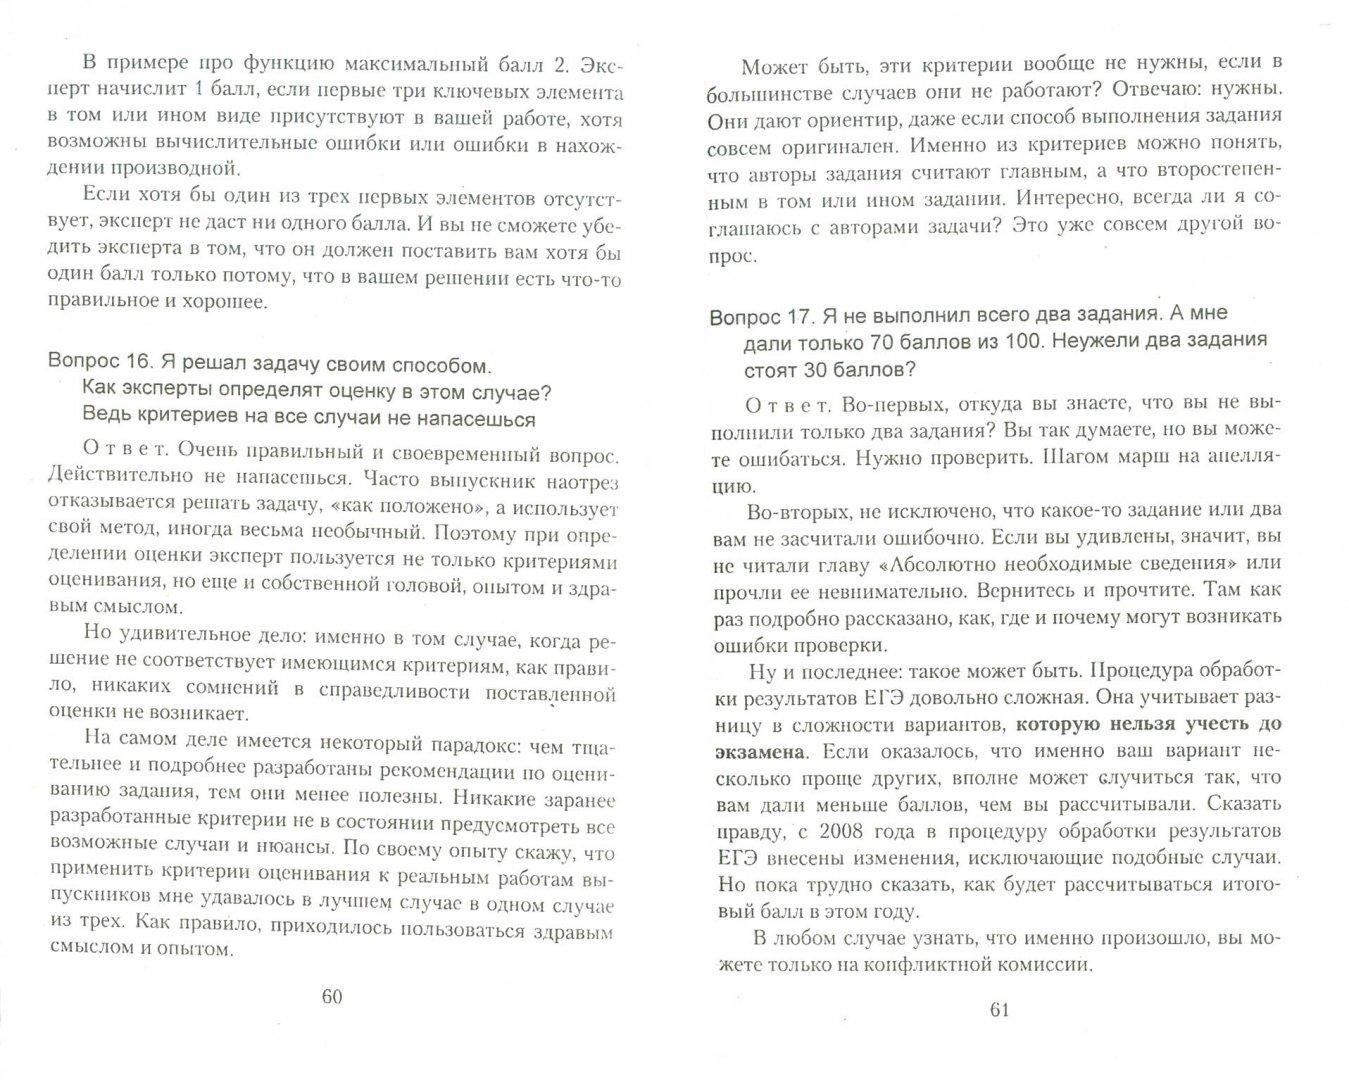 Иллюстрация 1 из 8 для Апелляция ЕГЭ: вопросы и ответы - Иван Высоцкий | Лабиринт - книги. Источник: Лабиринт